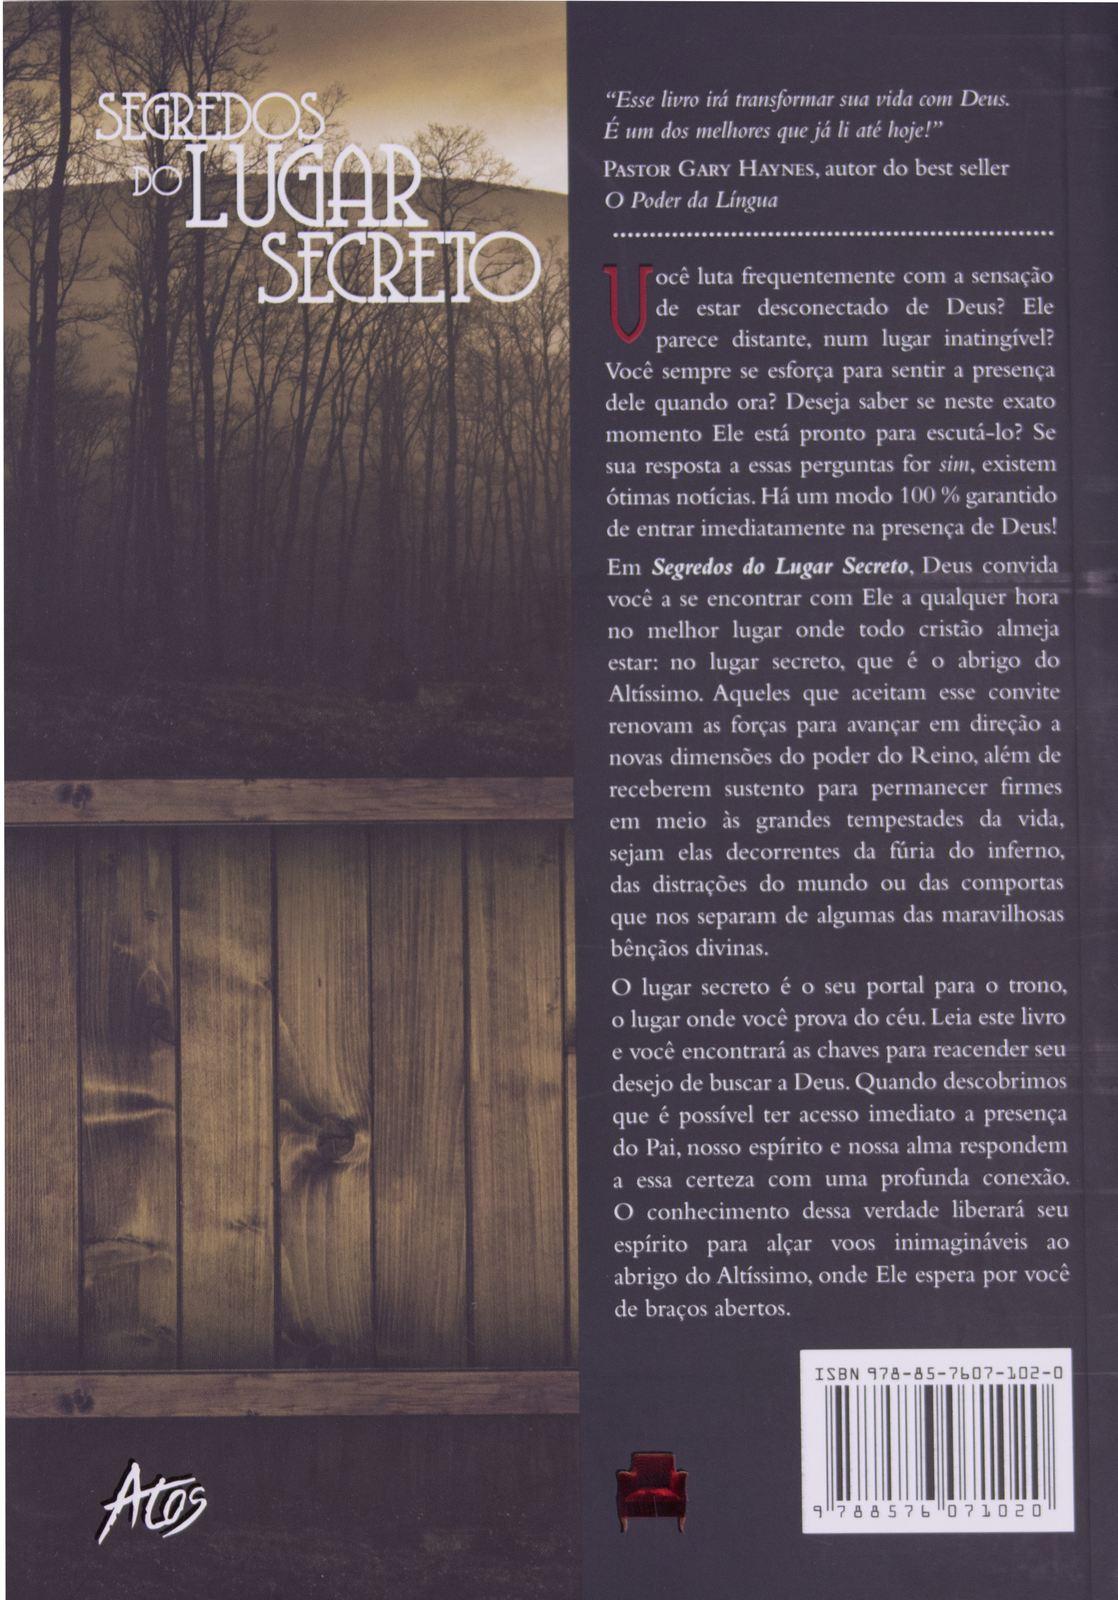 SEGREDOS DO LUGAR SECRETO